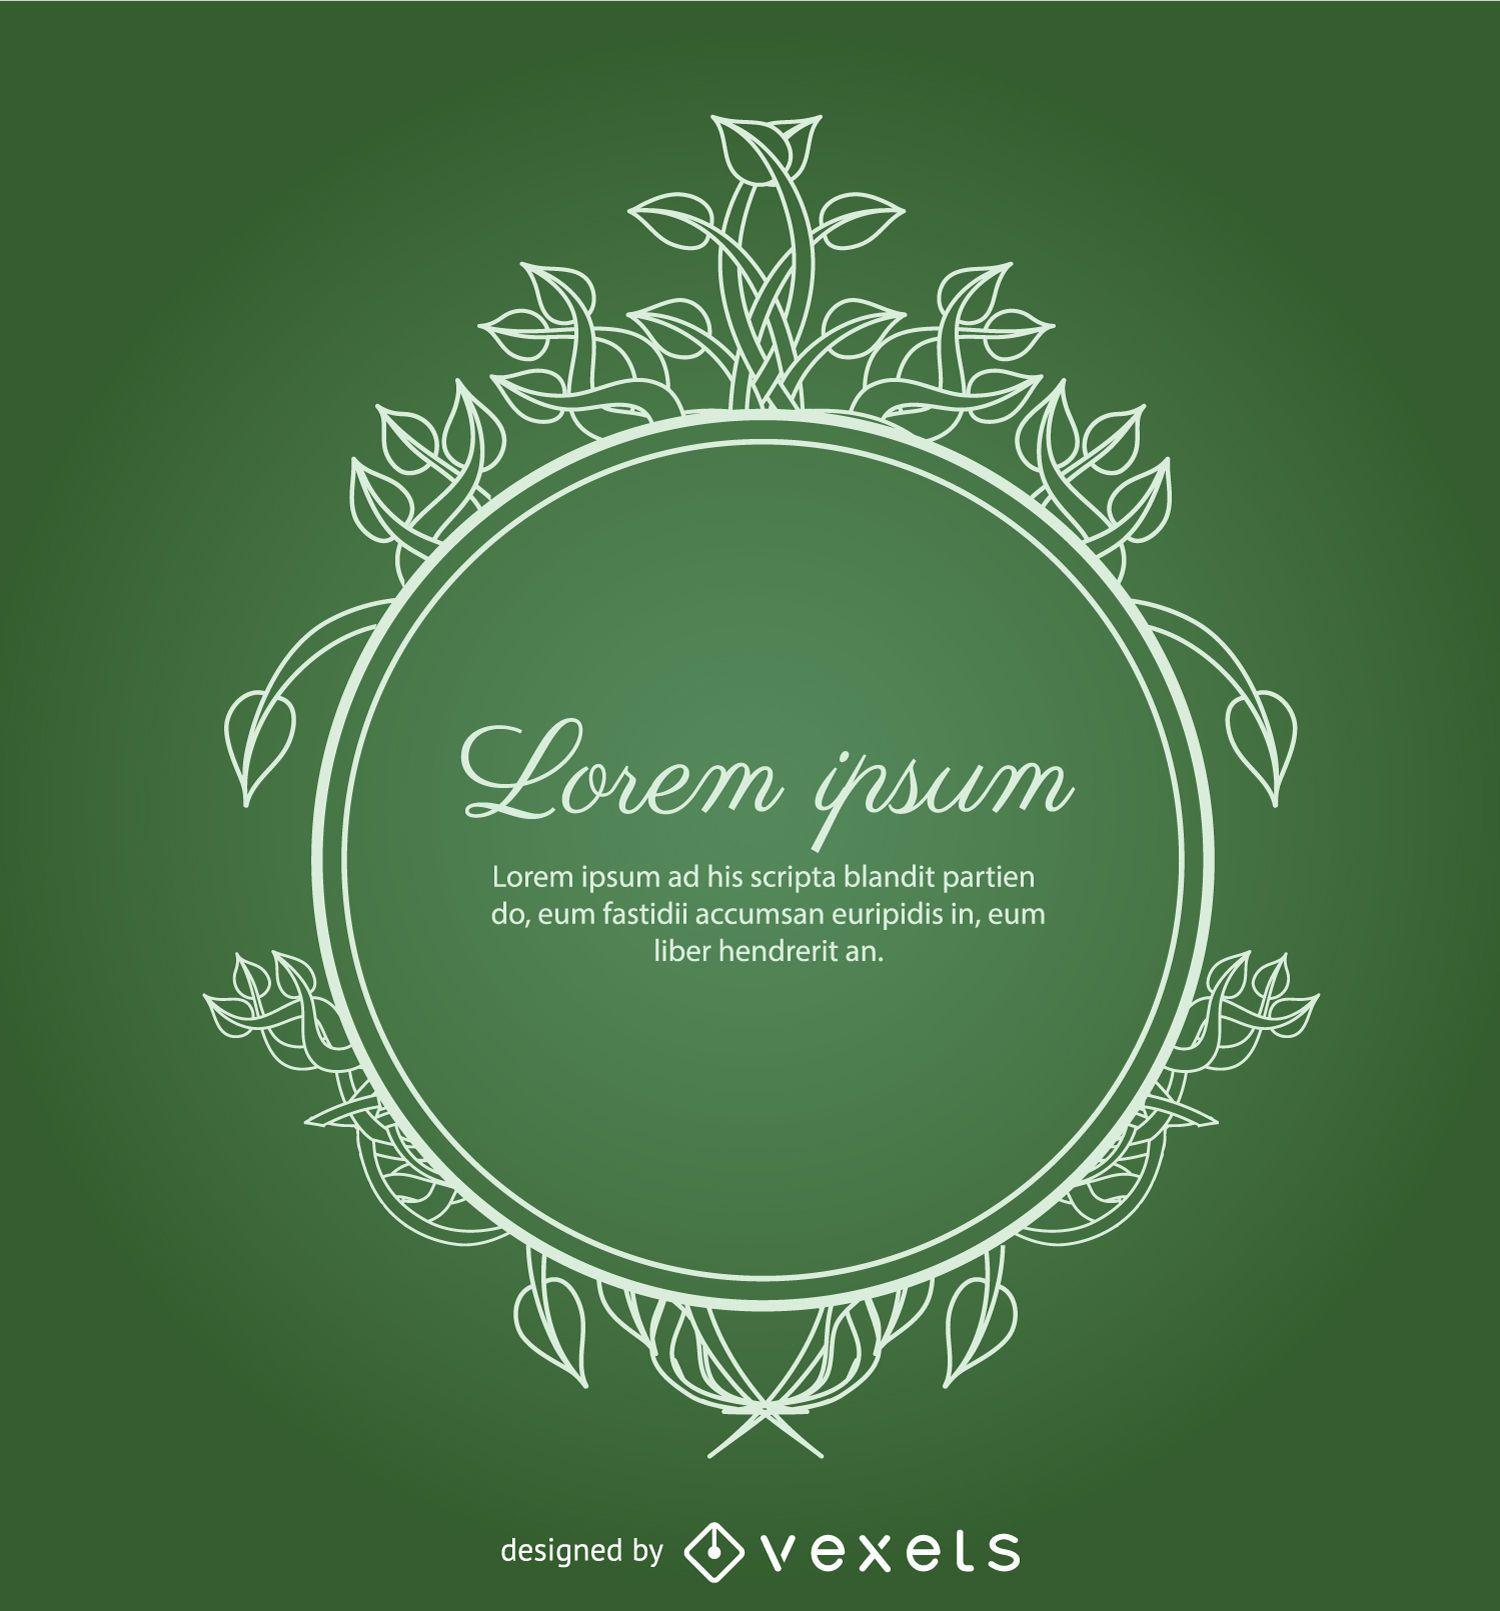 Ornamento do c?rculo com folhas verdes